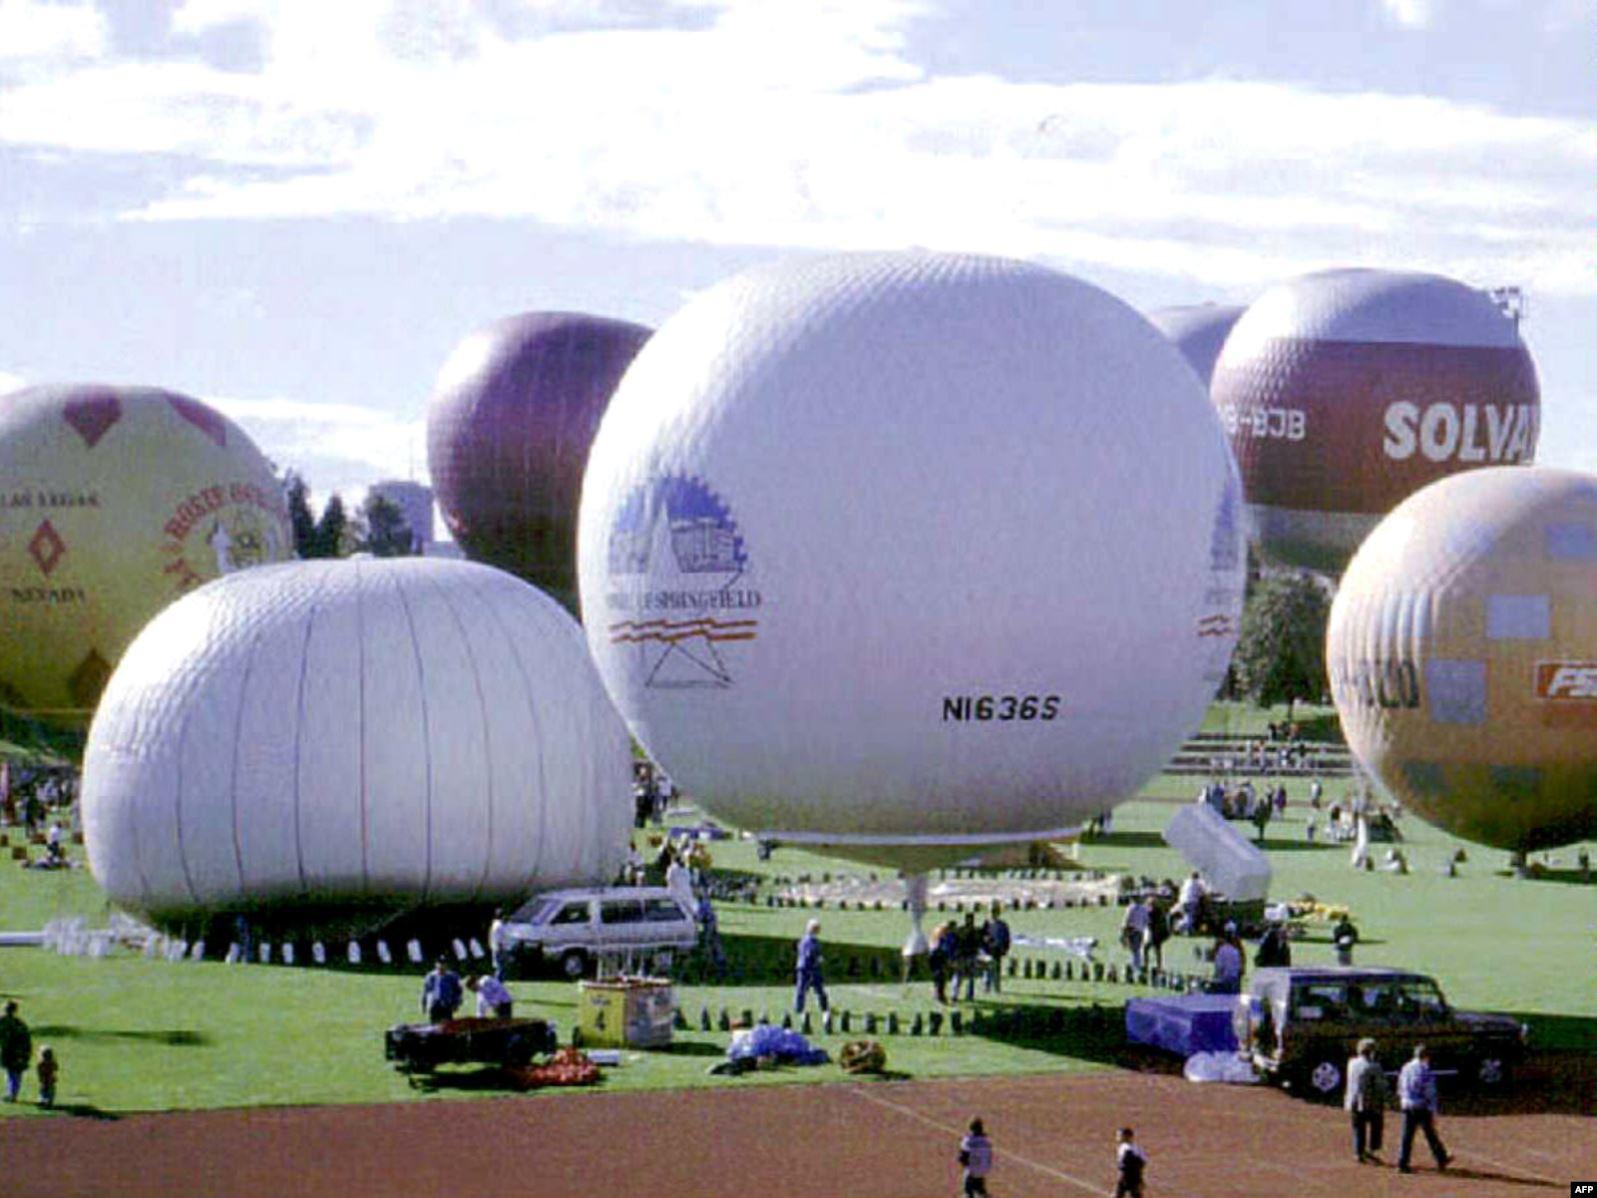 Учасники змагань Кубку Ґордона Беннетта напередодні старту в вересні 1995 року. Куля Стюарта-Джервіса і Френкеля – ліворуч, іще не повністю наповнена газом